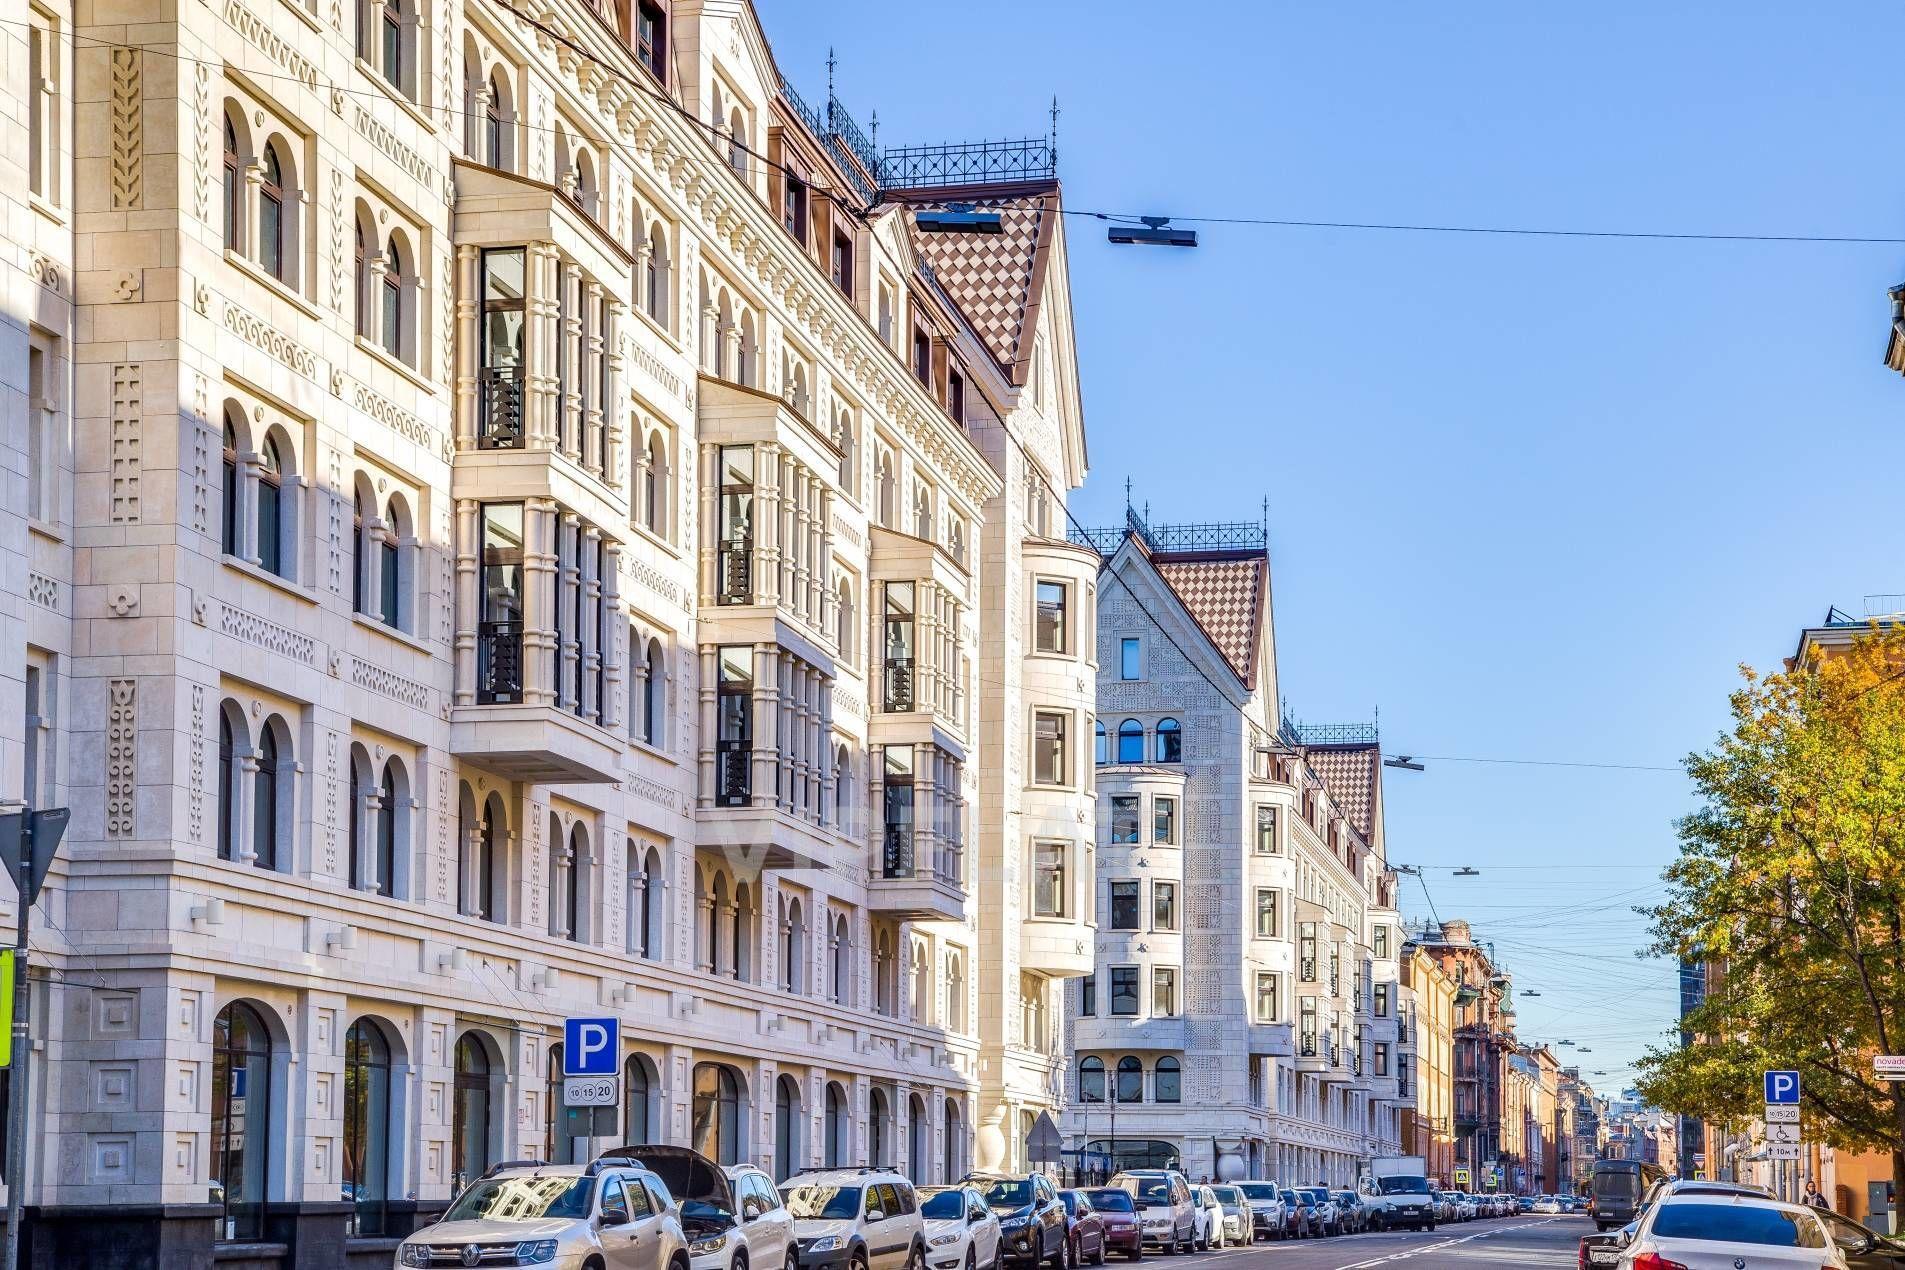 Продажа элитных квартир Санкт-Петербурга. Басков пер., 2 Тихий Басков переулок